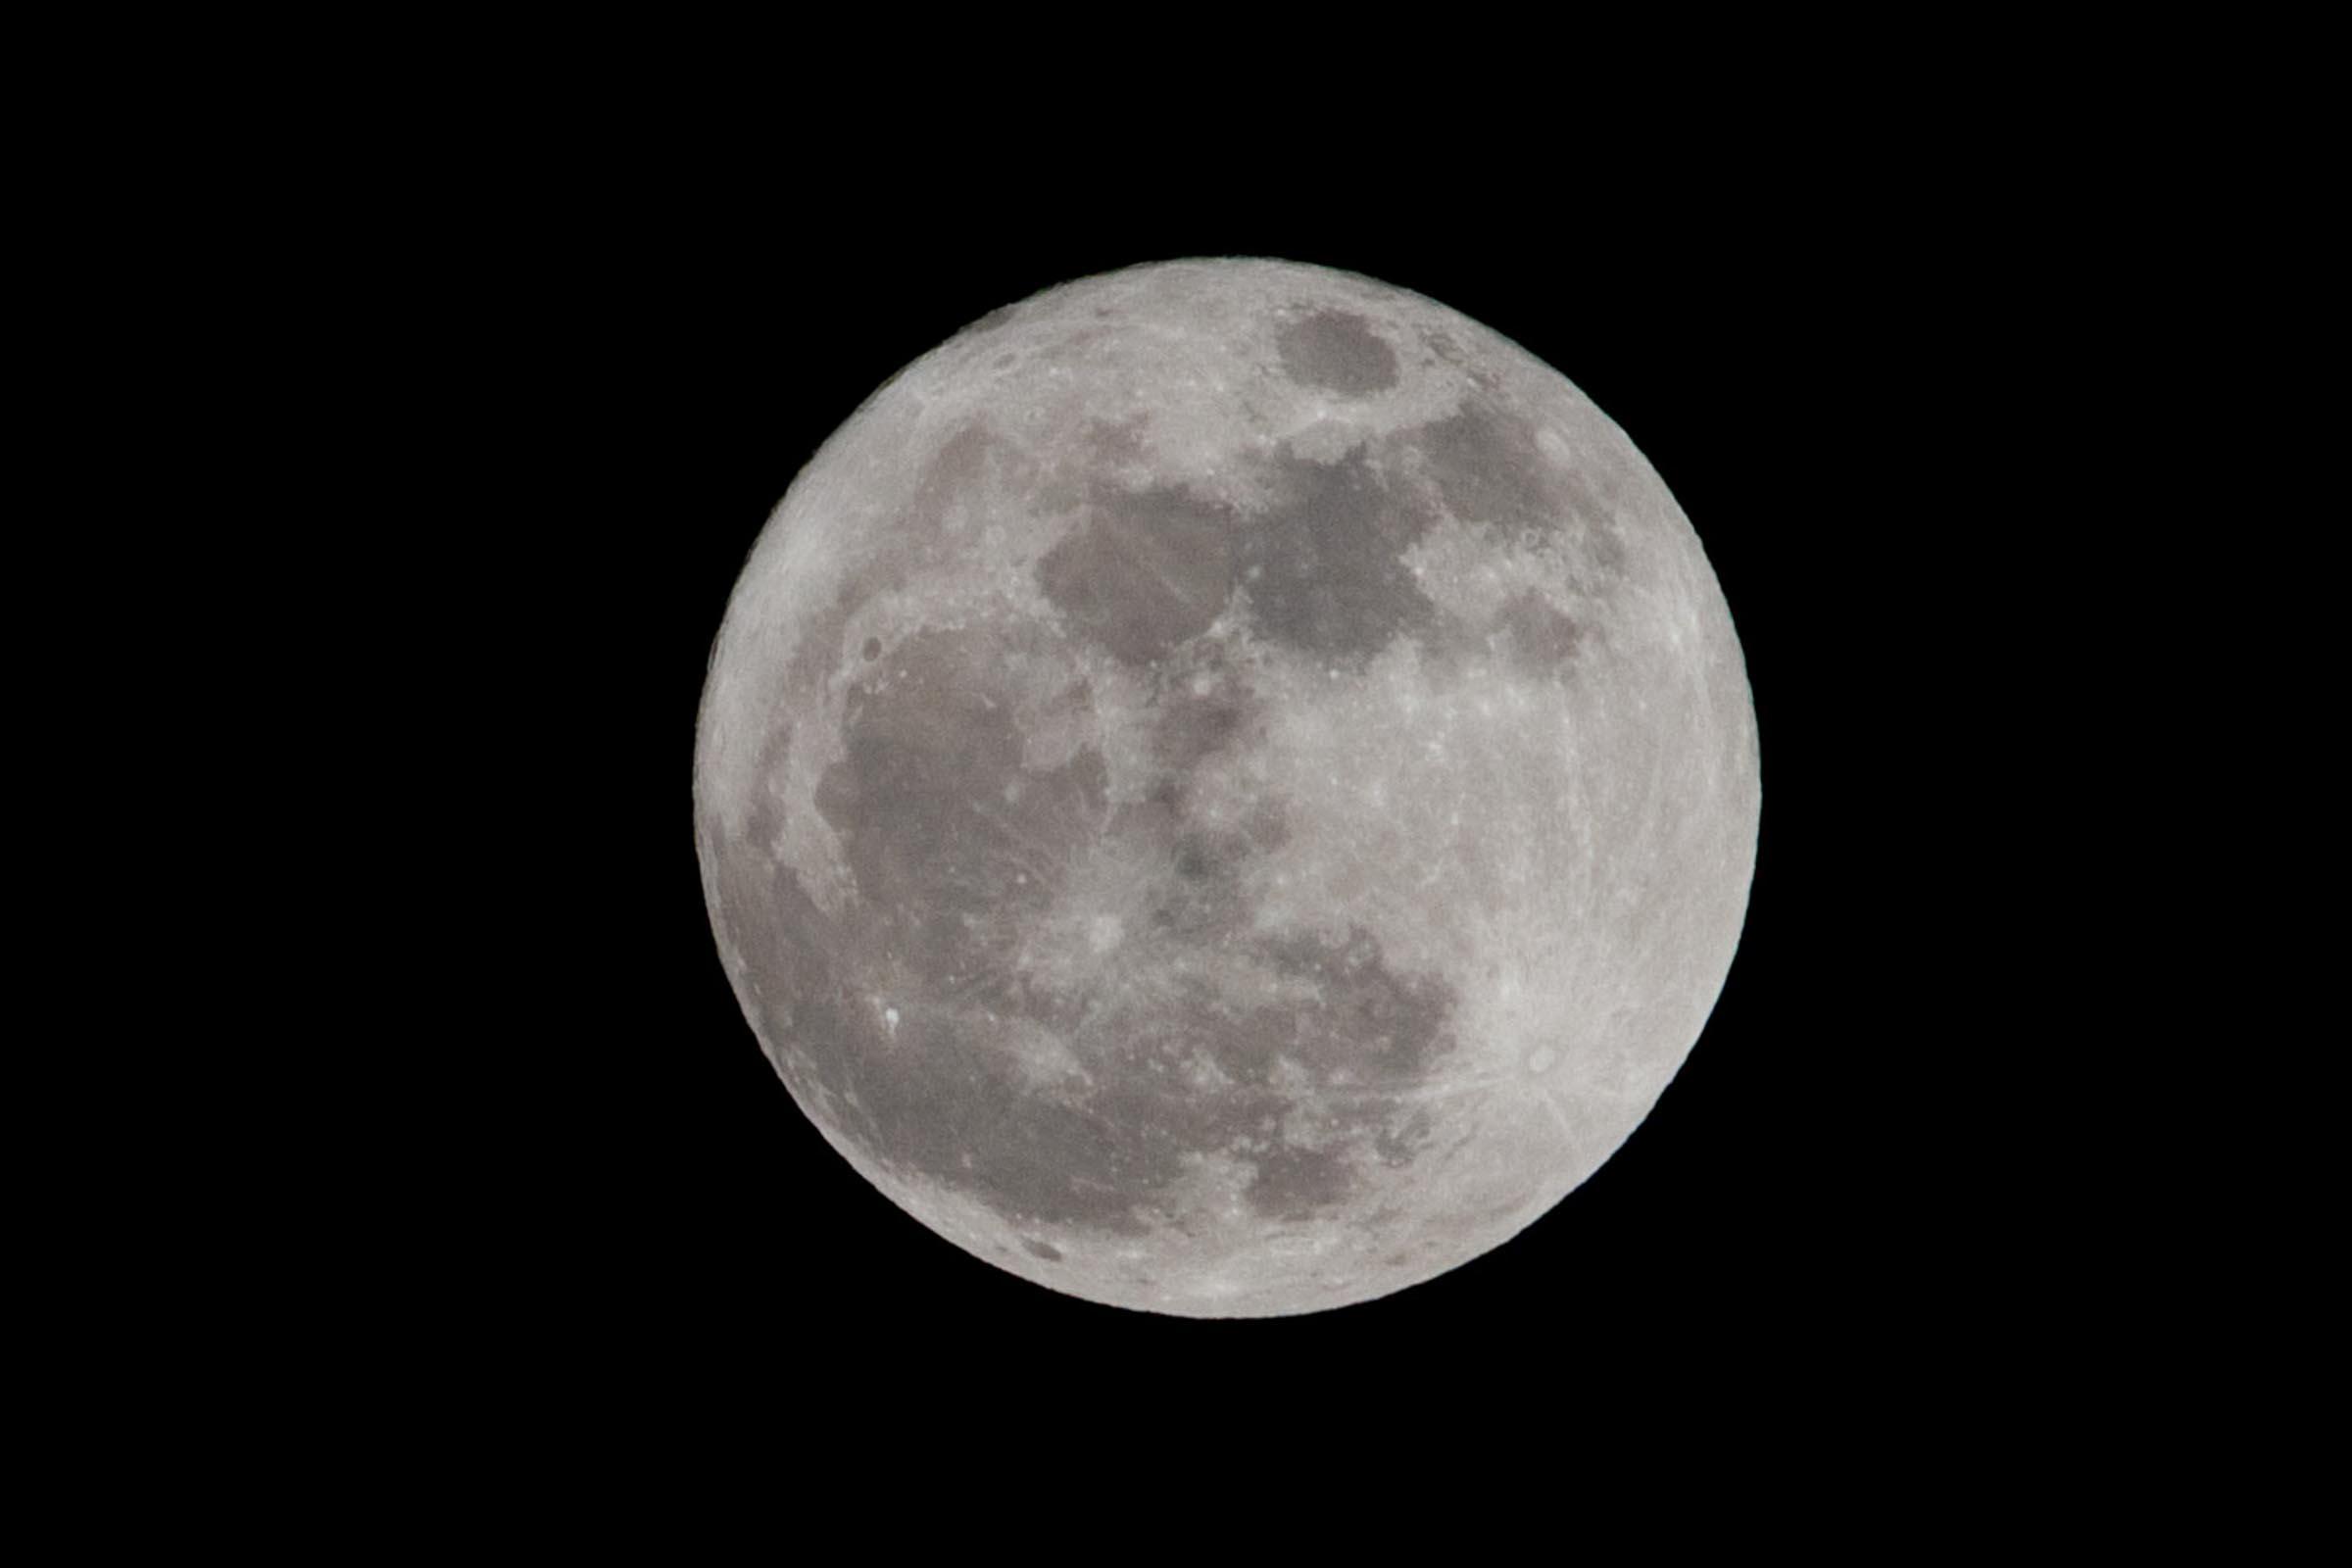 image from Hoe kun je de maan goed fotograferen?